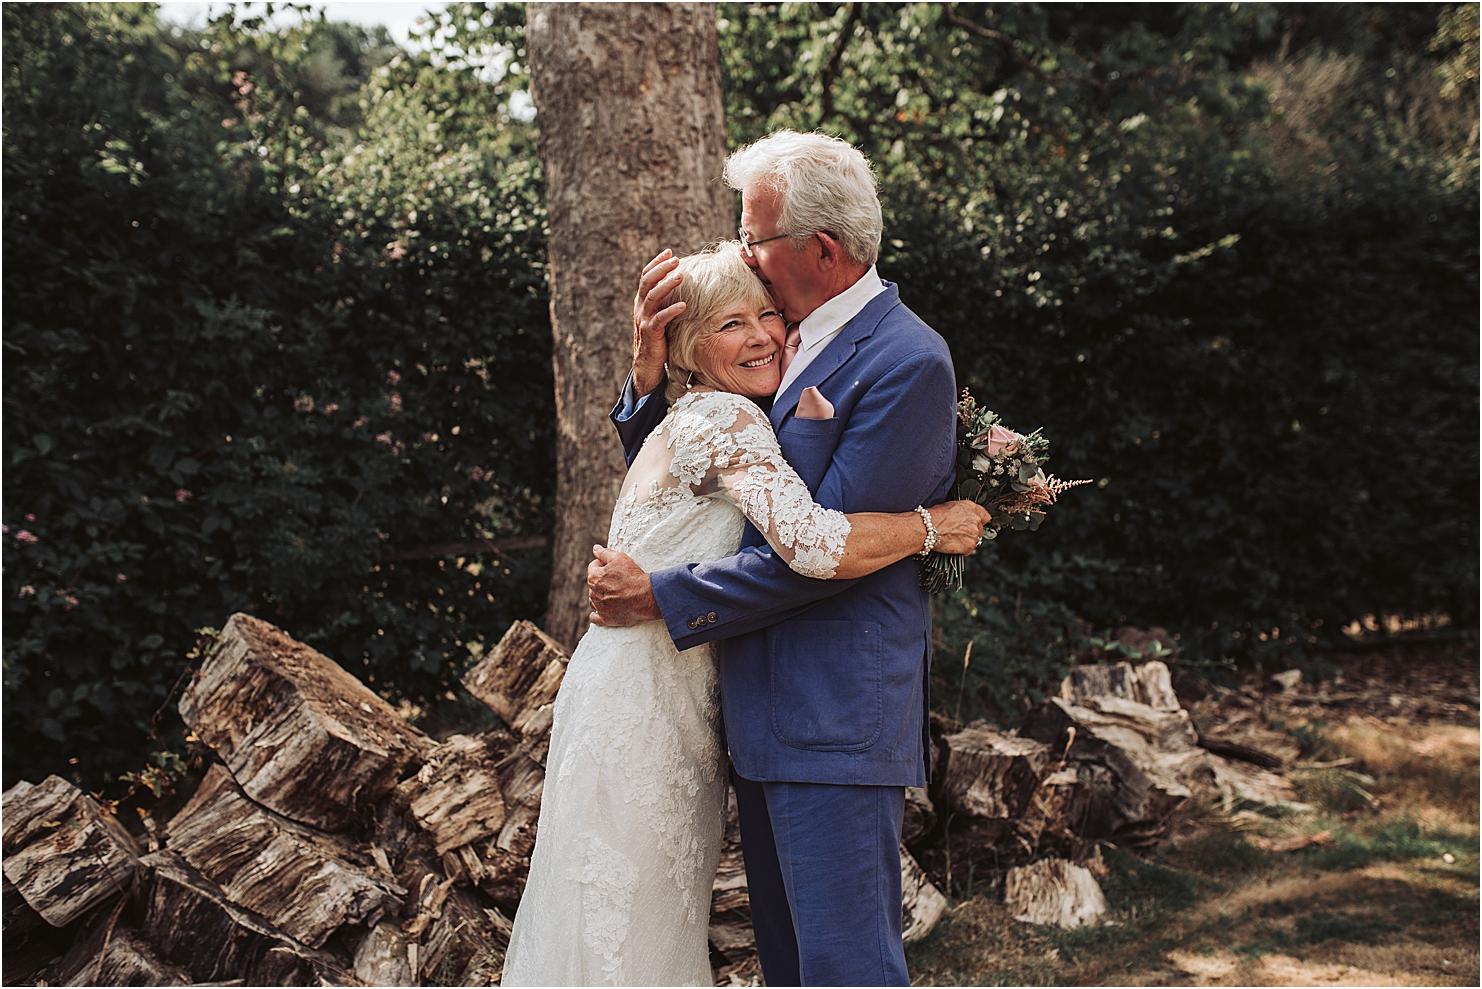 fotos de boda en exterior-13.jpg